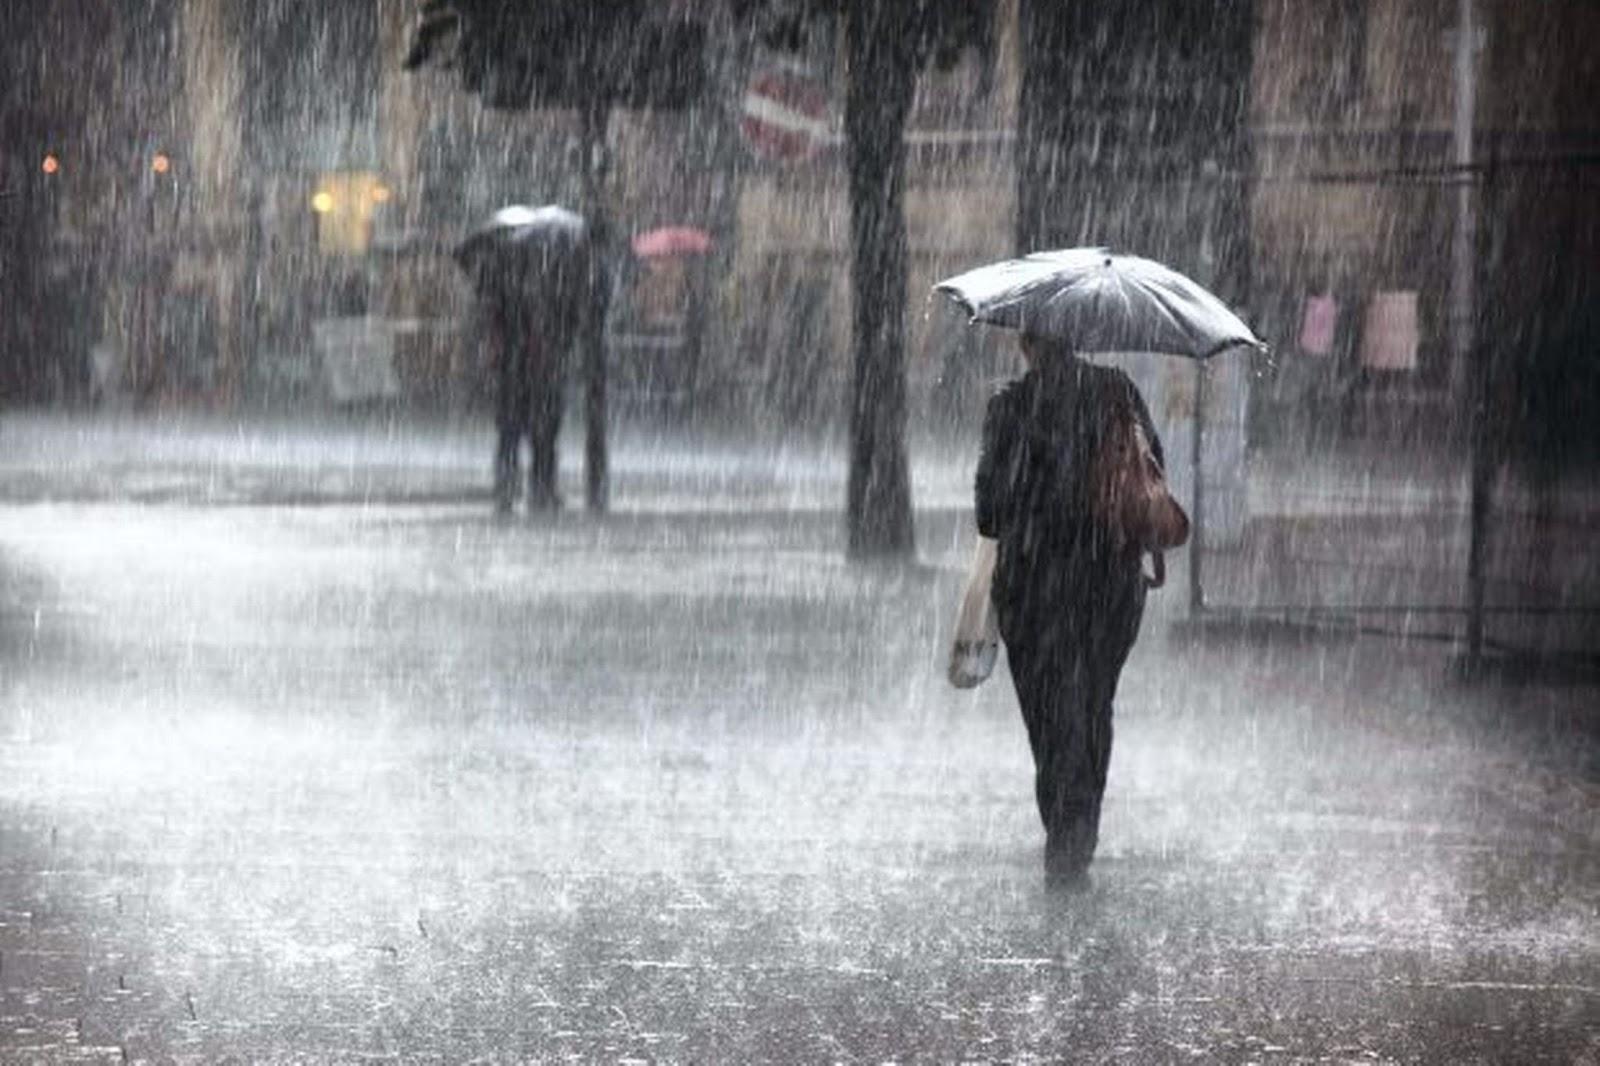 Torna il maltempo in Sicilia, allerta gialla: previsti rovesci e temporali